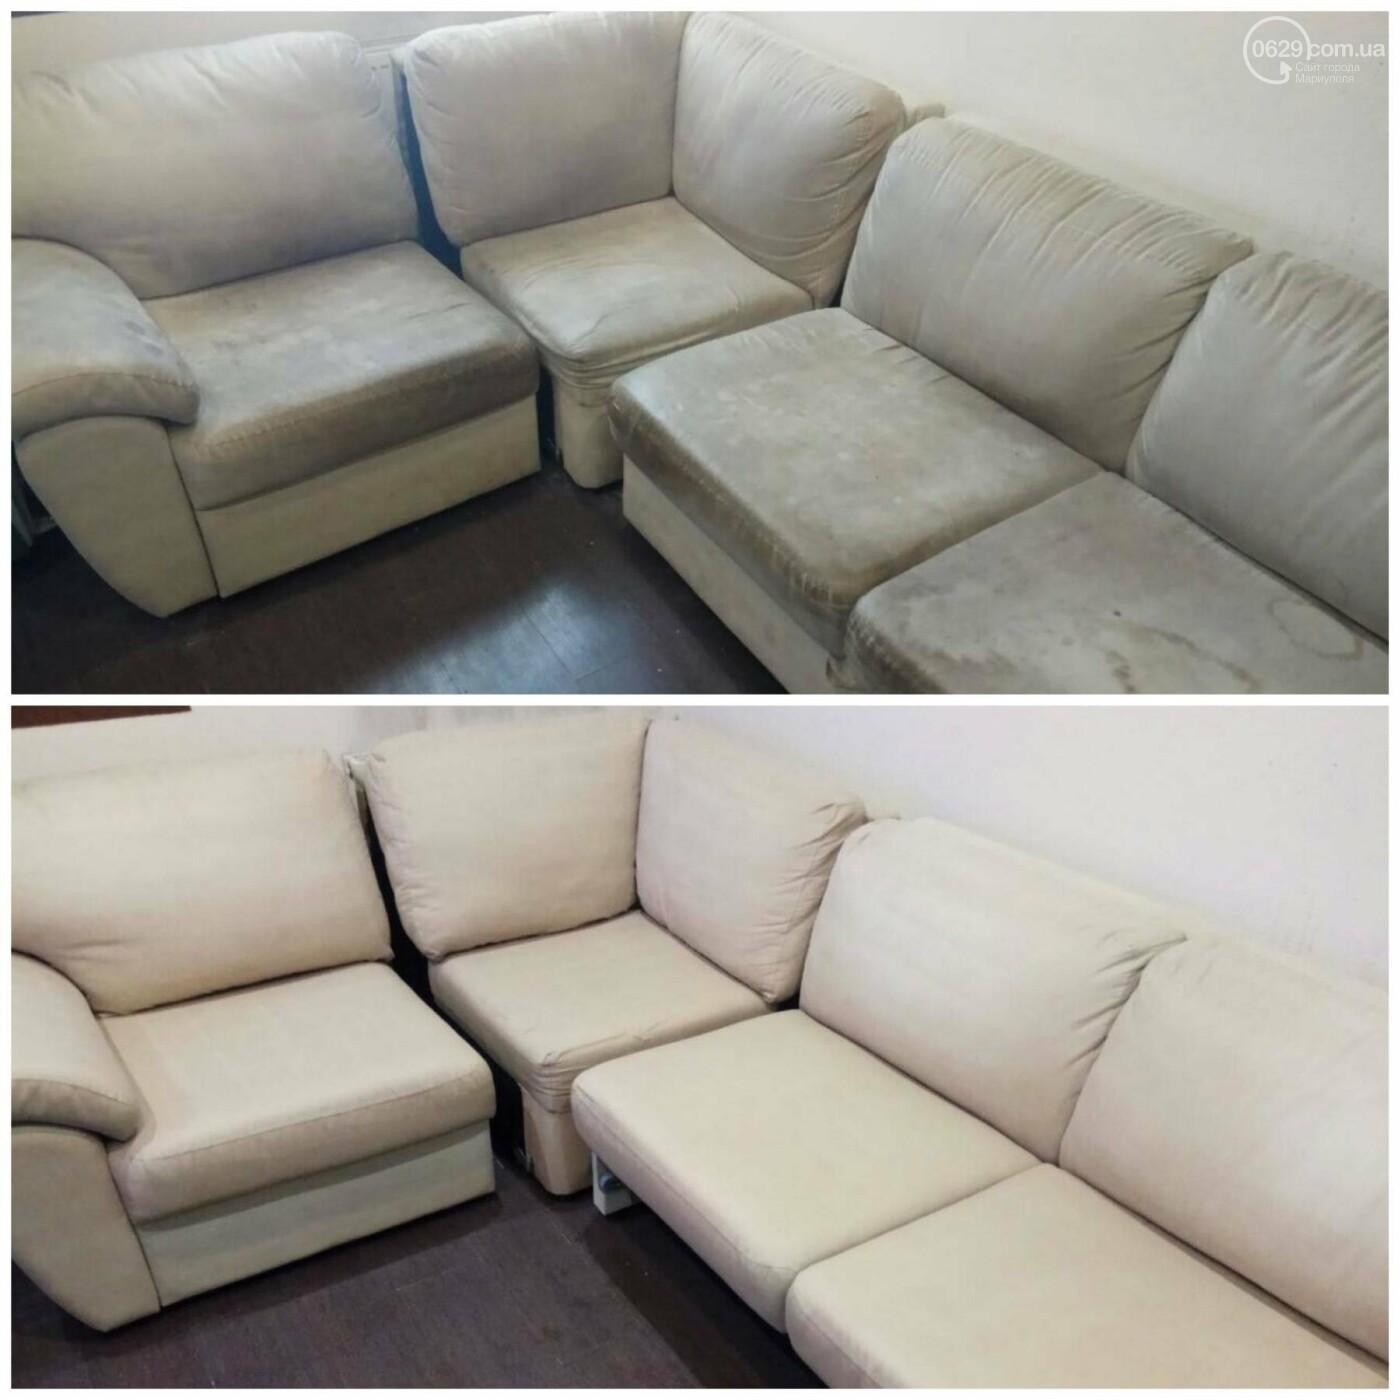 Стирка ковров в Мариуполе, химчистка мягкой мебели от компании «CLEAN MASTER» на дому, а также с вывозом и доставкой. Химчистка недорого, фото-4